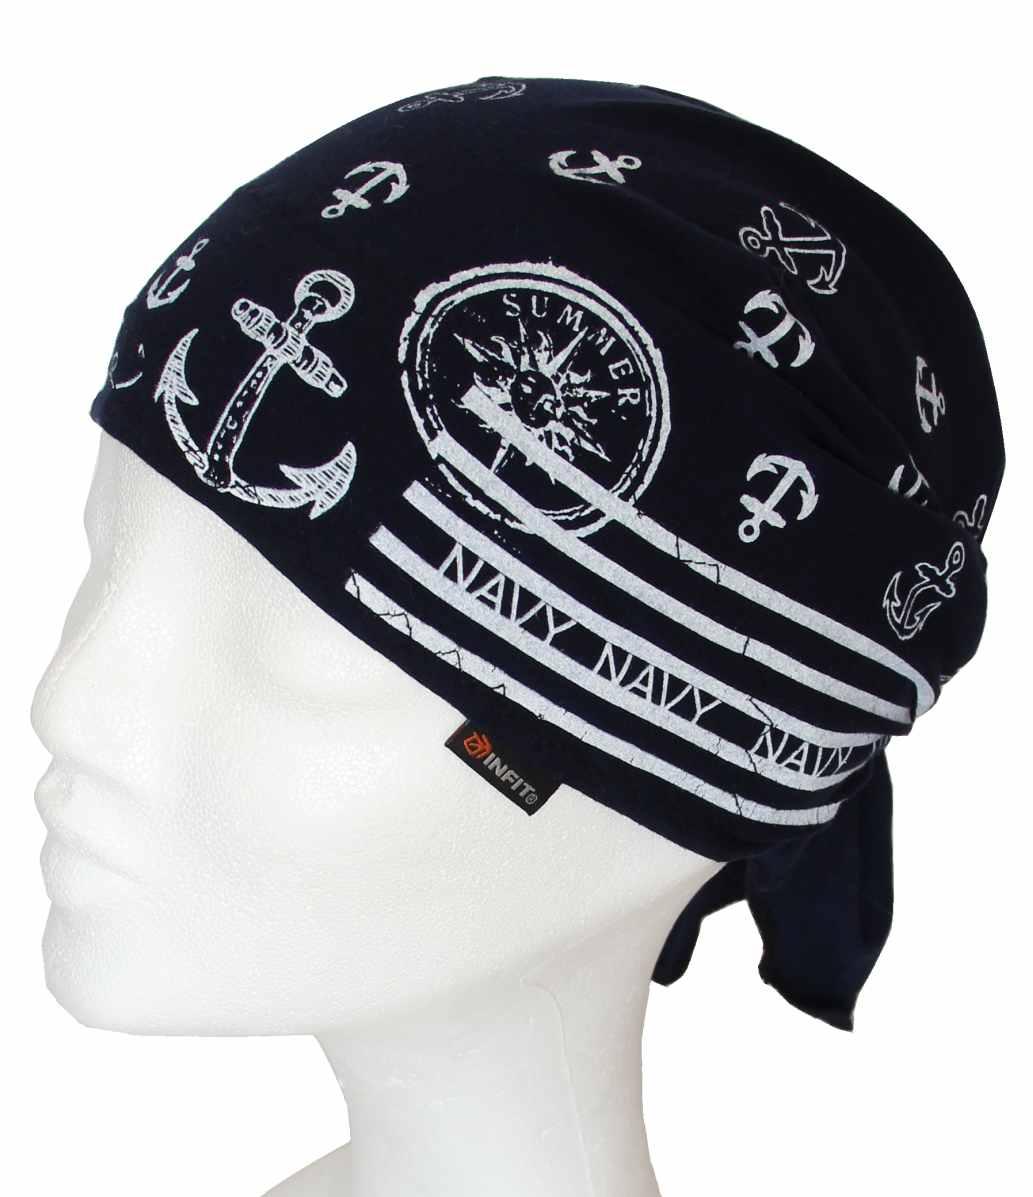 Dětský pirát trojúhelníkový šátek černý 8ec7f3e7aa